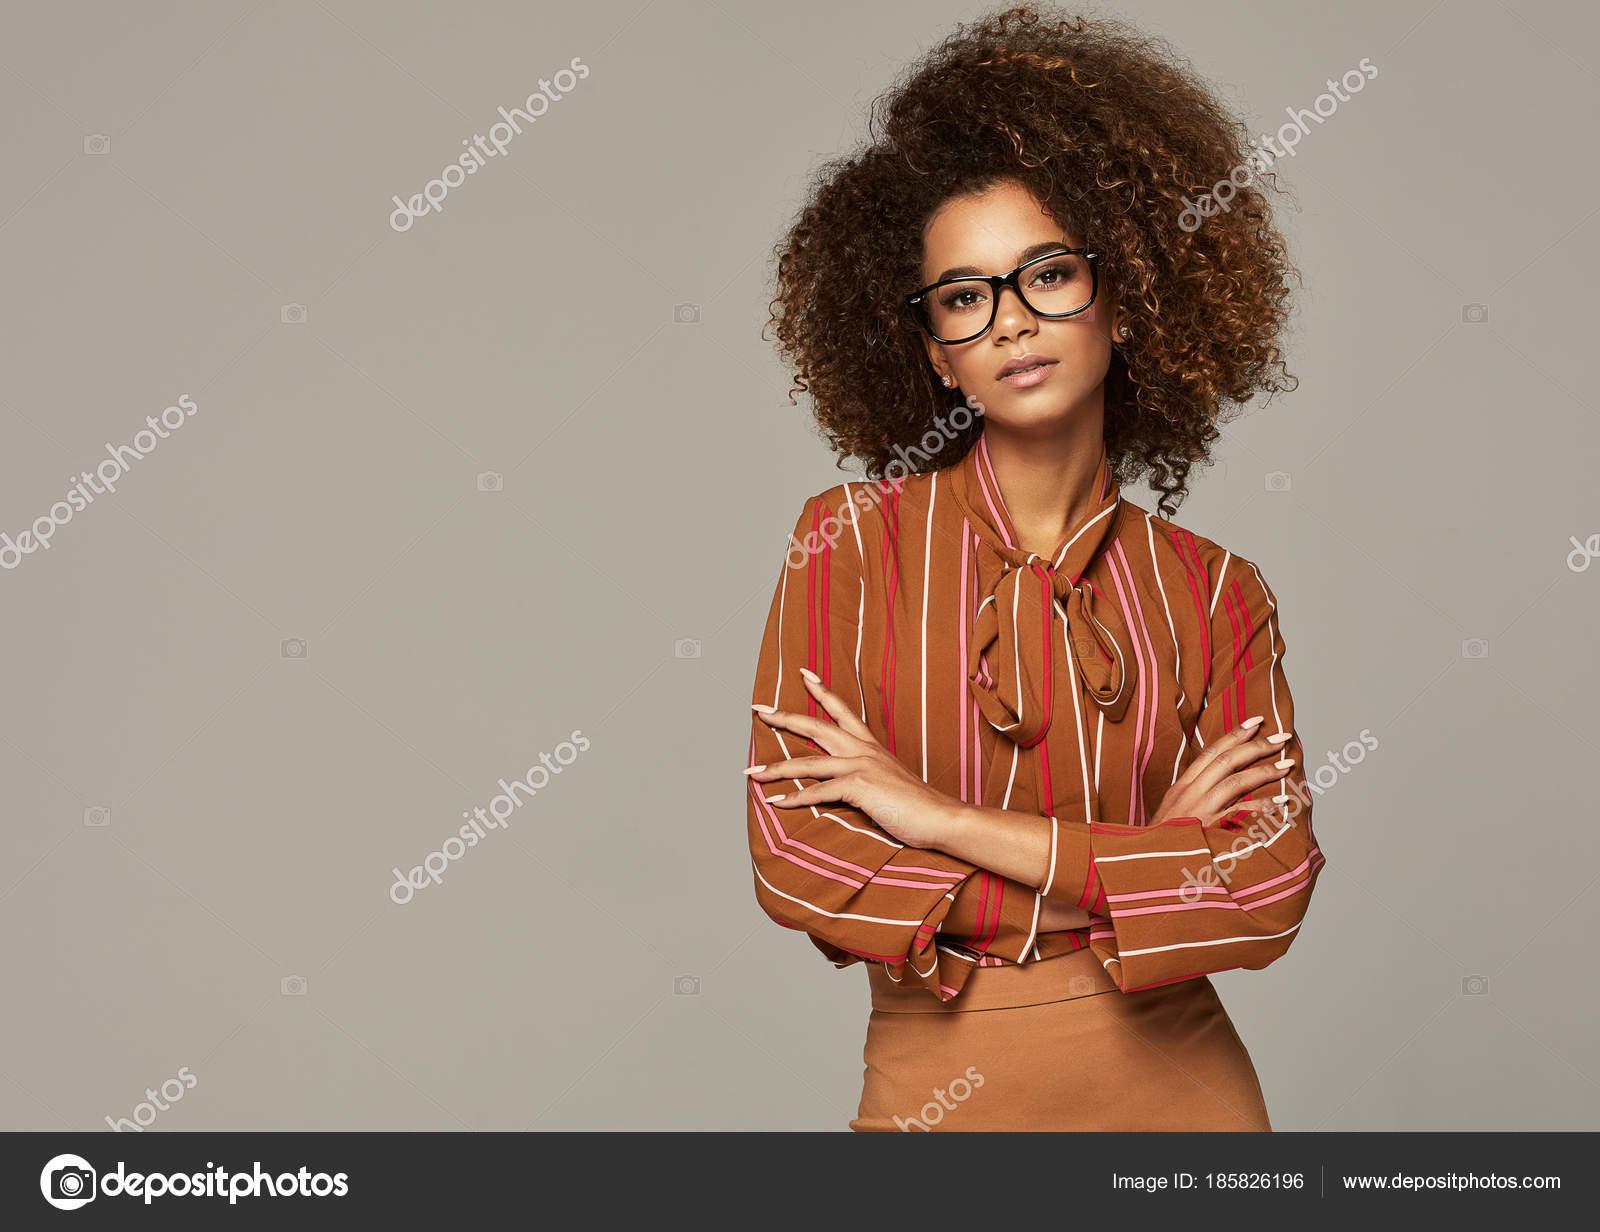 3dadb05f0ea6 γυναικείο πρότυπο για casual ρούχα — Φωτογραφία Αρχείου © kiuikson ...